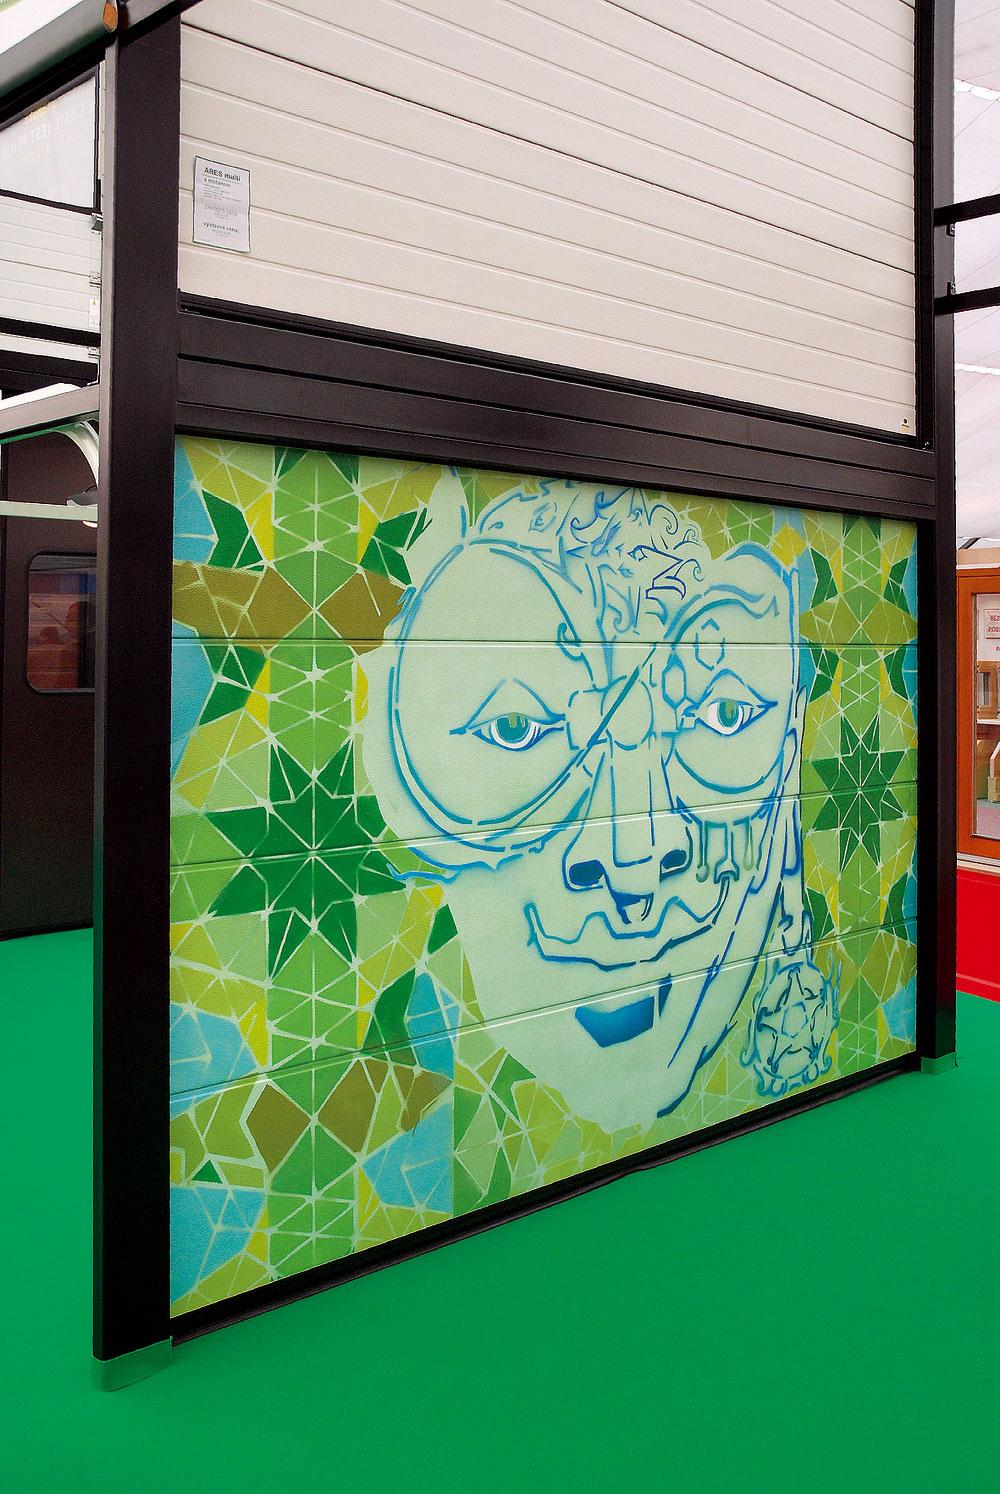 Na výstave Coneco 2011 predstavila spoločnosť Jolly Joker zaujímavú novinku – garážové brány, ktorých dizajn vytvoria presne podľa požiadaviek alebo návrhu zákazníka. Môžu sa na to využiť odolné fólie alebo návrh nanesú priamo na bránu akademickí maliari či špičkoví sprejeri. Samozrejme, cena takejto brány je vyššia ako pri sériovo vyrábaných typoch, máte však stopercentnú istotu, že bude jedinečná.